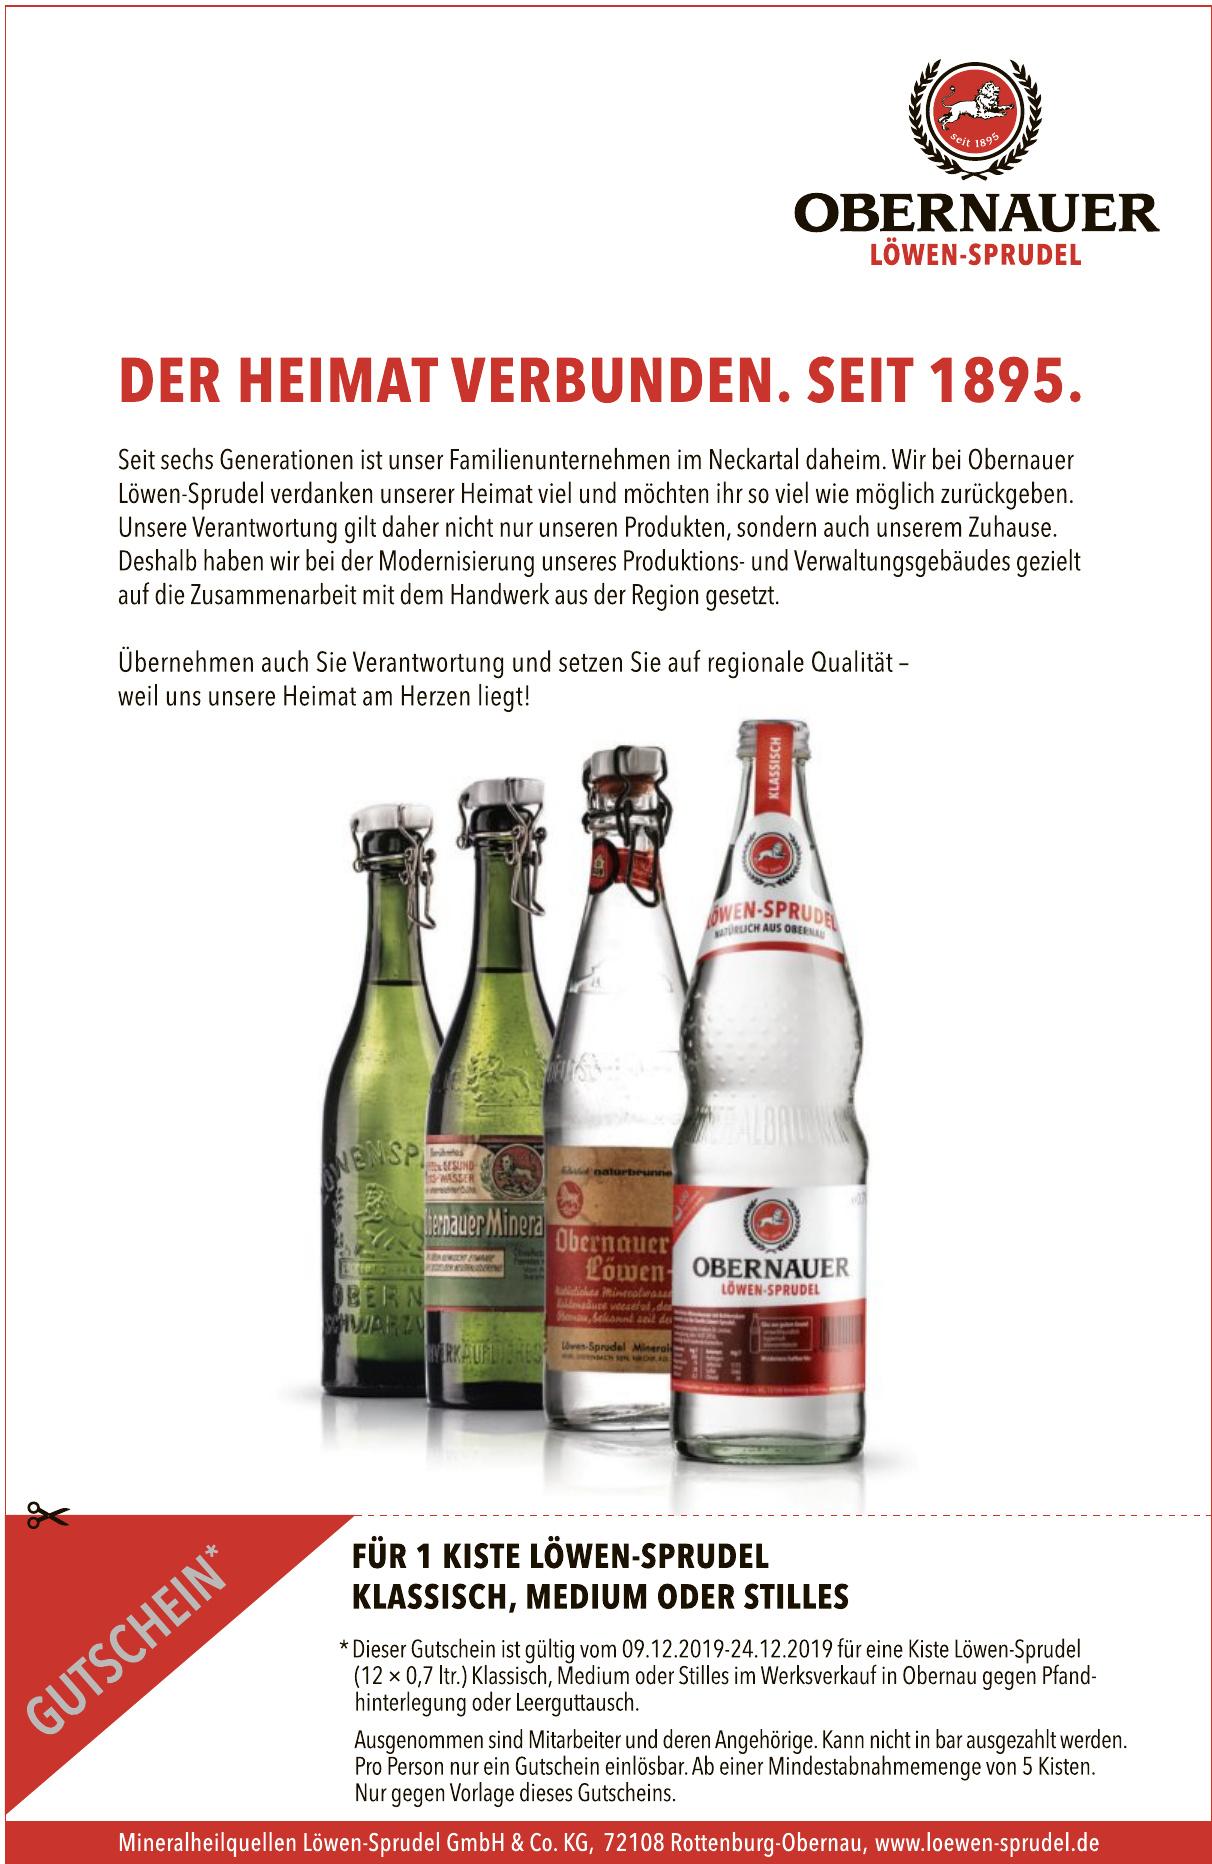 Mineralheilquellen Löwen-Sprudel GmbH & Co. KG